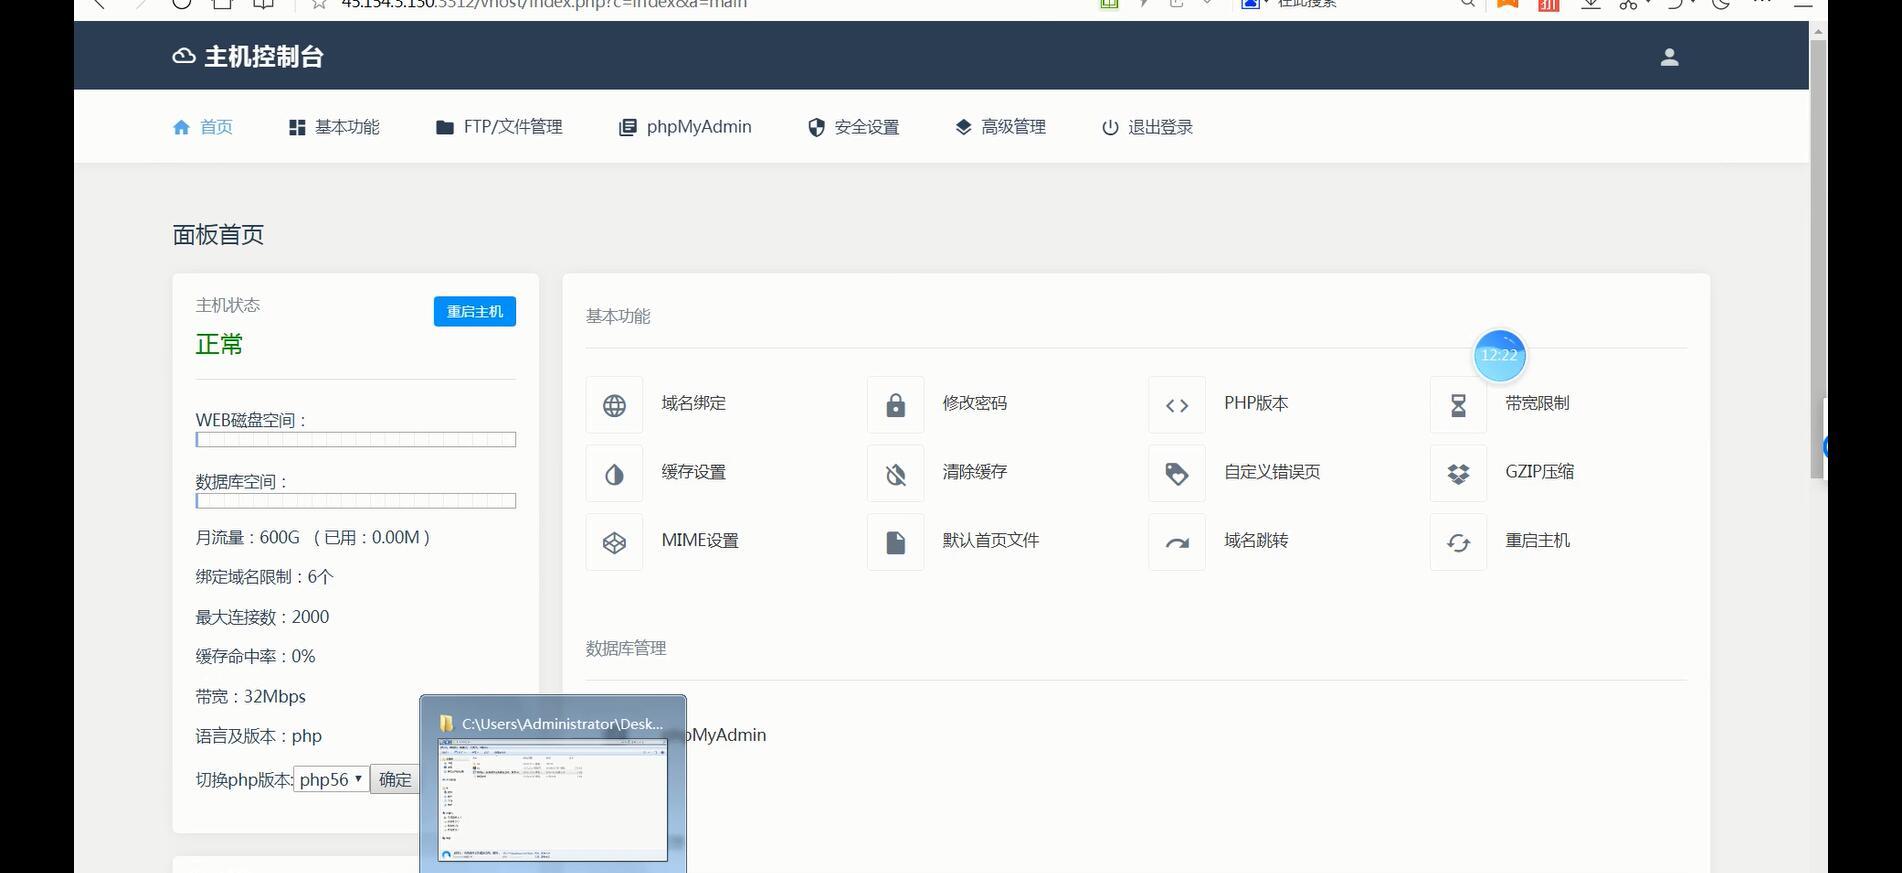 emlog小白建网站教程源码